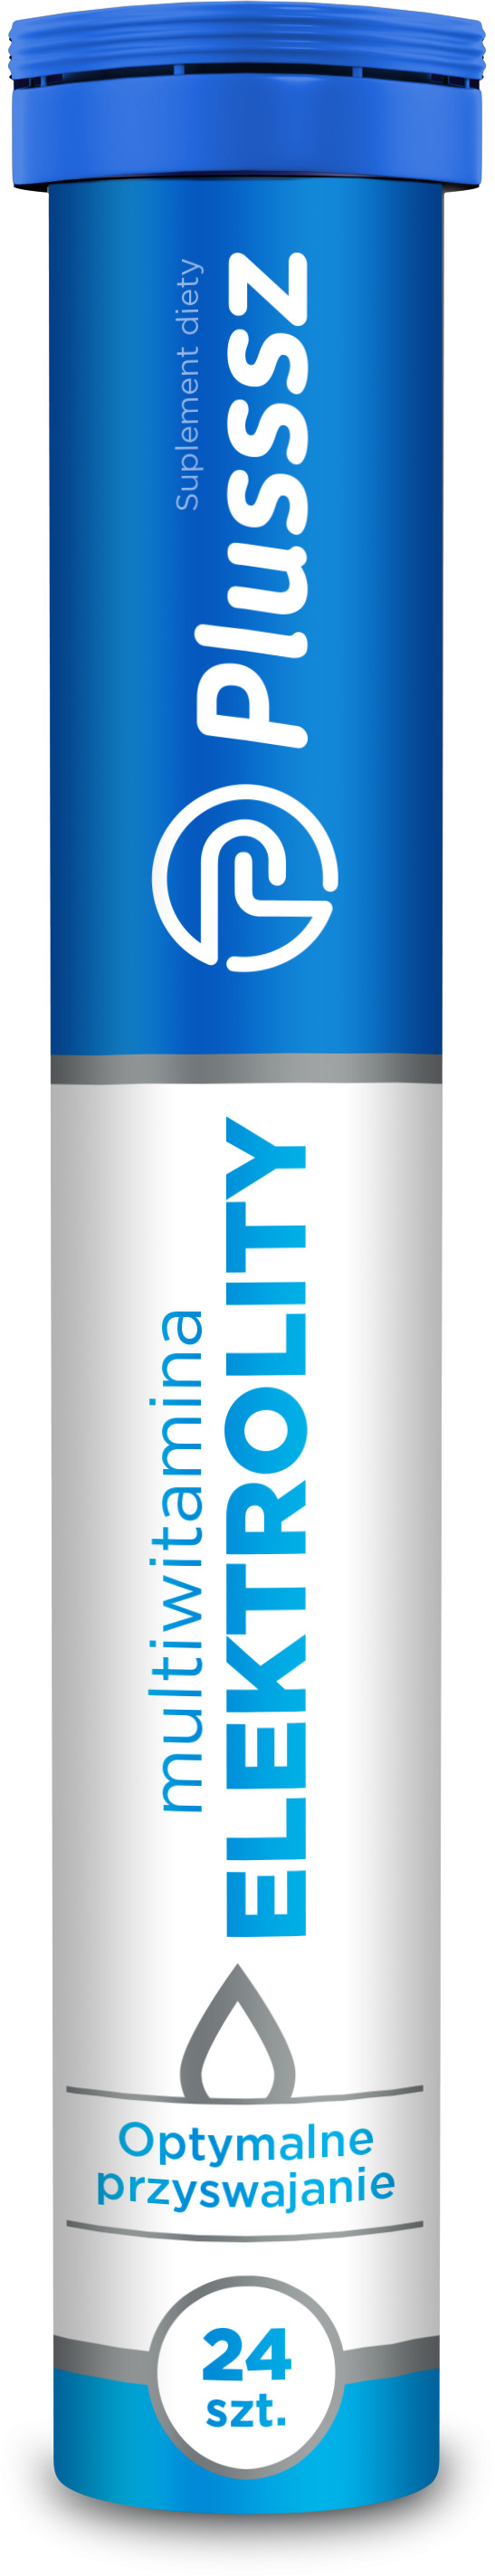 Plusssz Elektrolity uzupełnienie niedoboru witamin i minerałów, 24 tabletki musujace